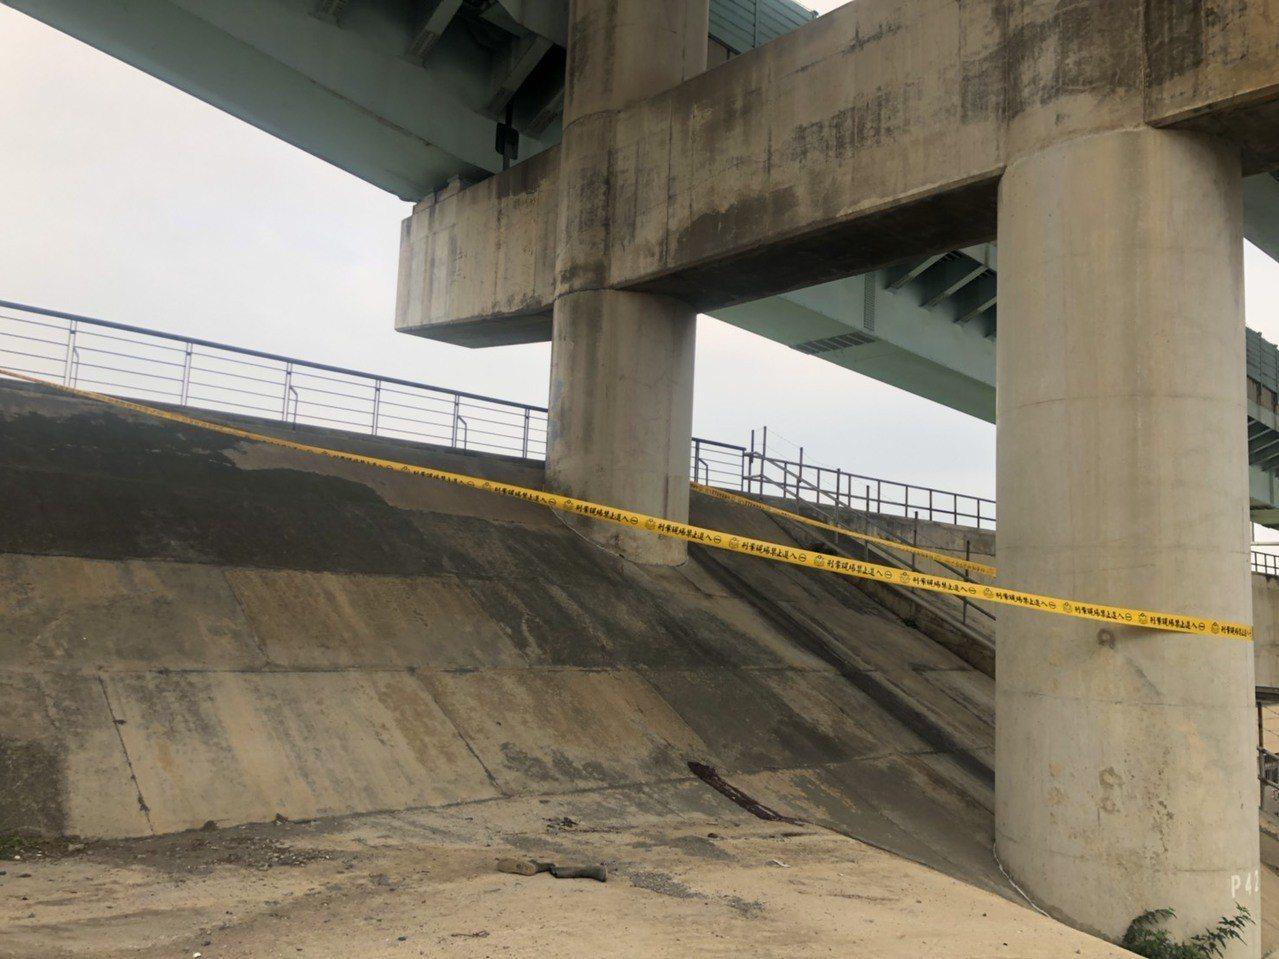 新北市台64線高架道路板橋往三重路段下橋引道,今天下午發生隔音牆養護工人墜落的工...